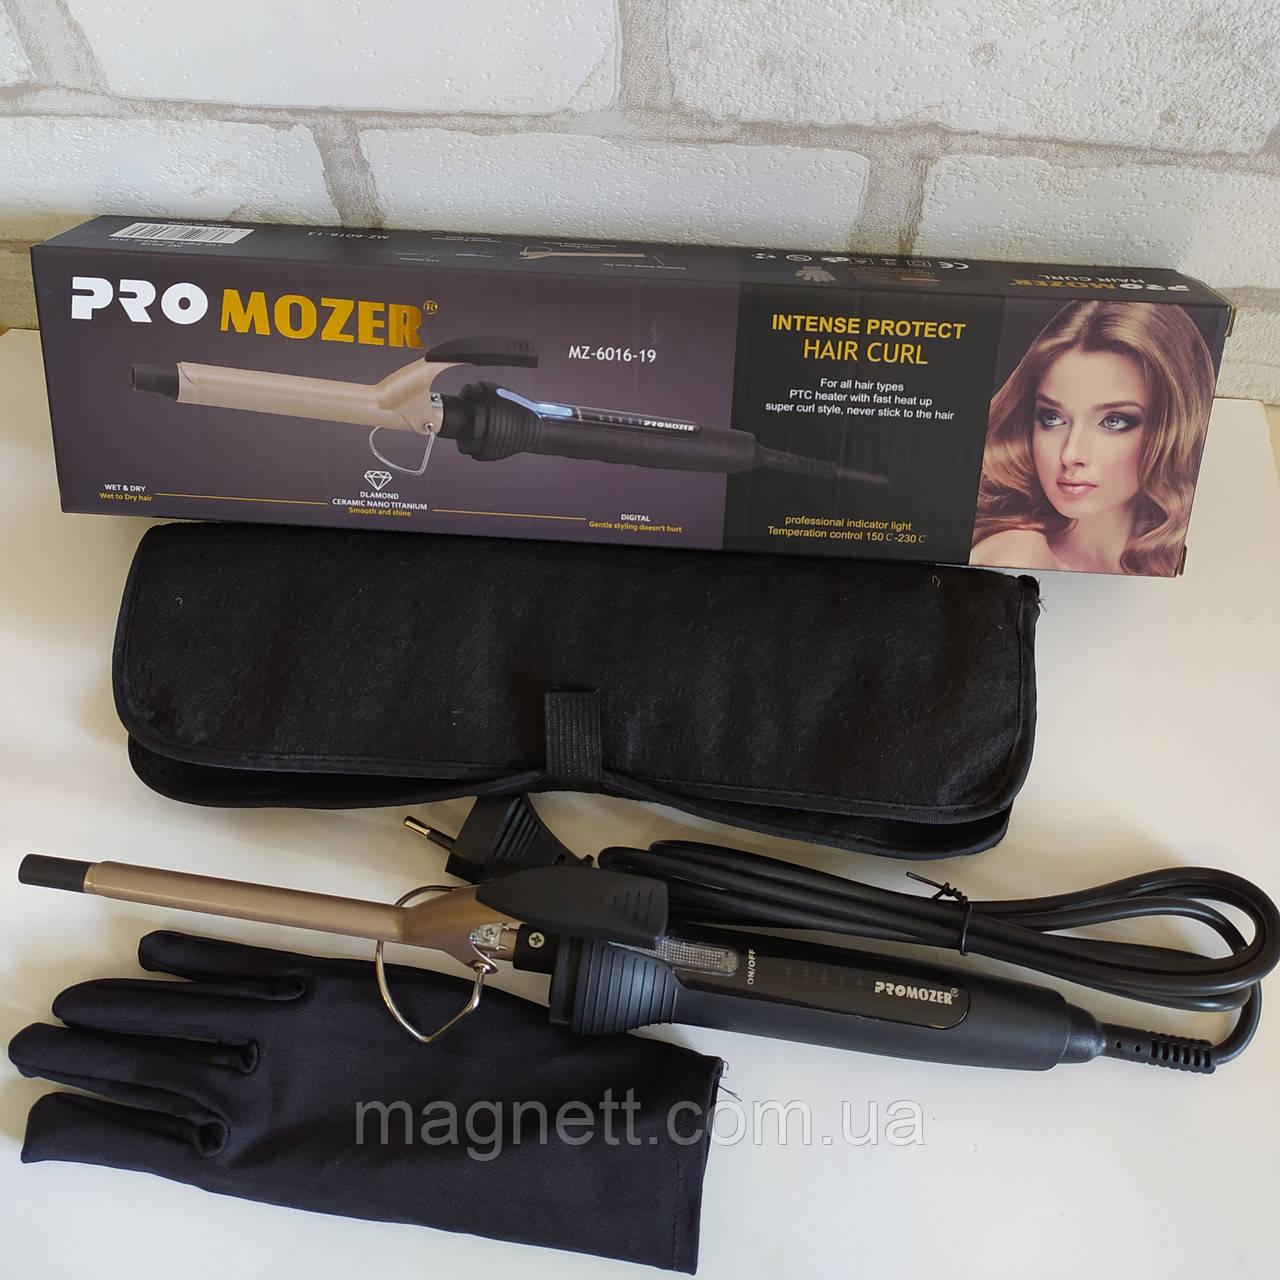 Тонкая плойка для волос Pro Mozer MZ-6016-19 с чехлом и перчаткой афрокудри